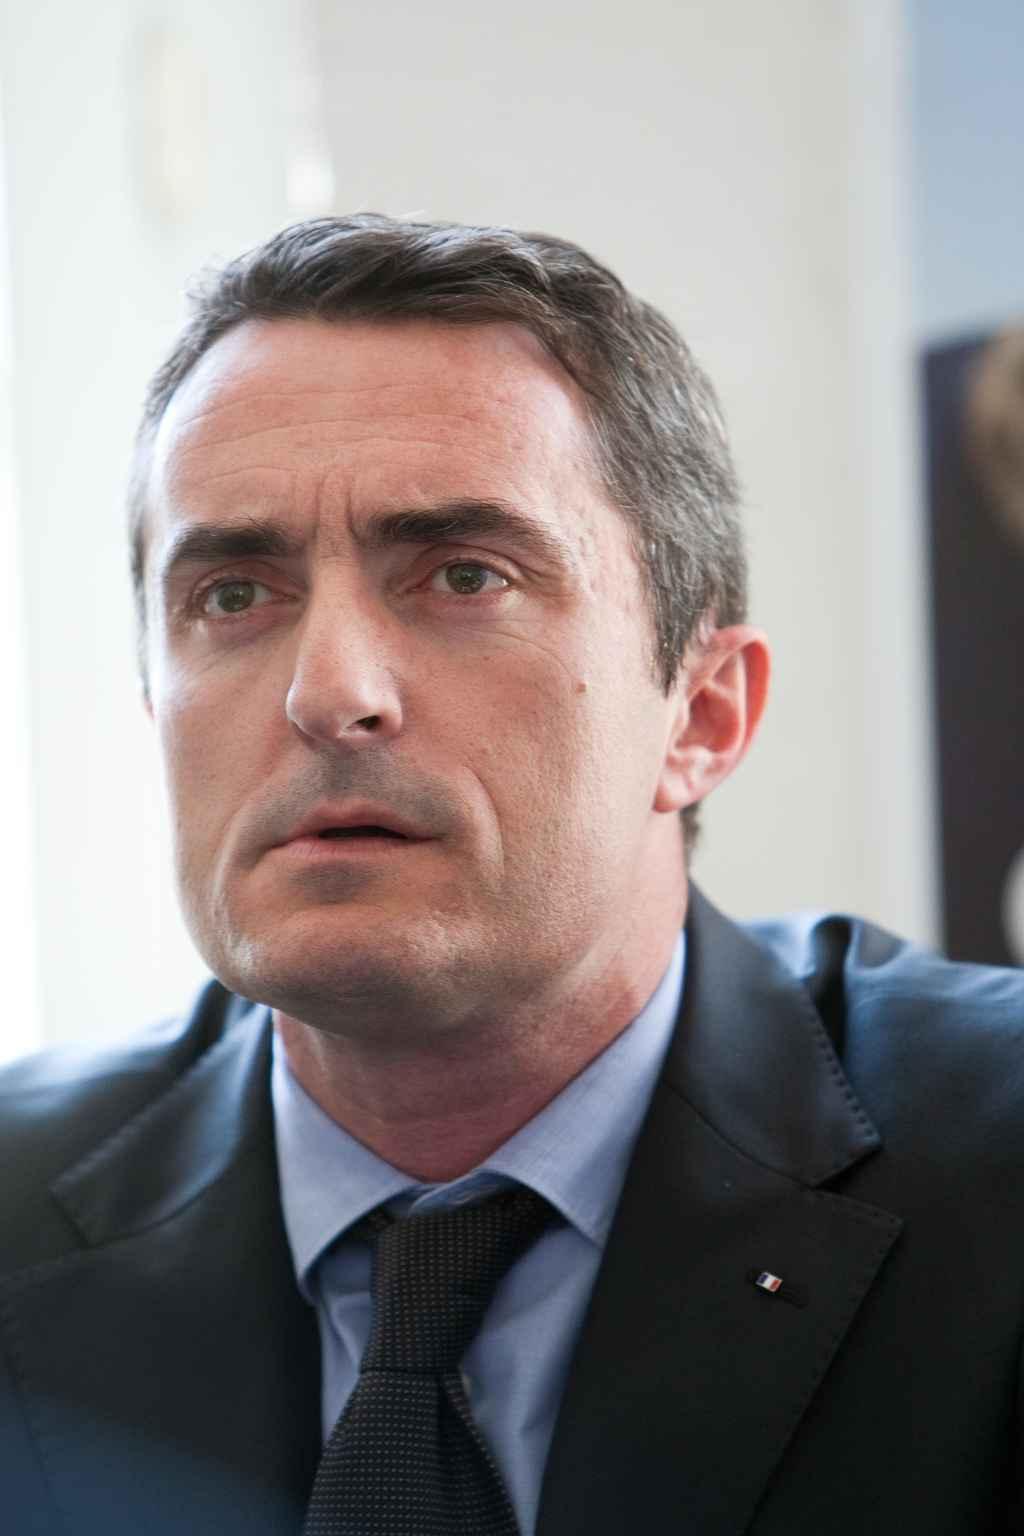 <b>Stéphane Ravier</b>, maire du 13/14. - 2048x1536-fit_marseille-le-15-mai-2012-le-front-national-prsente-les-personnes-qui-se-prsentent-sous-leurs